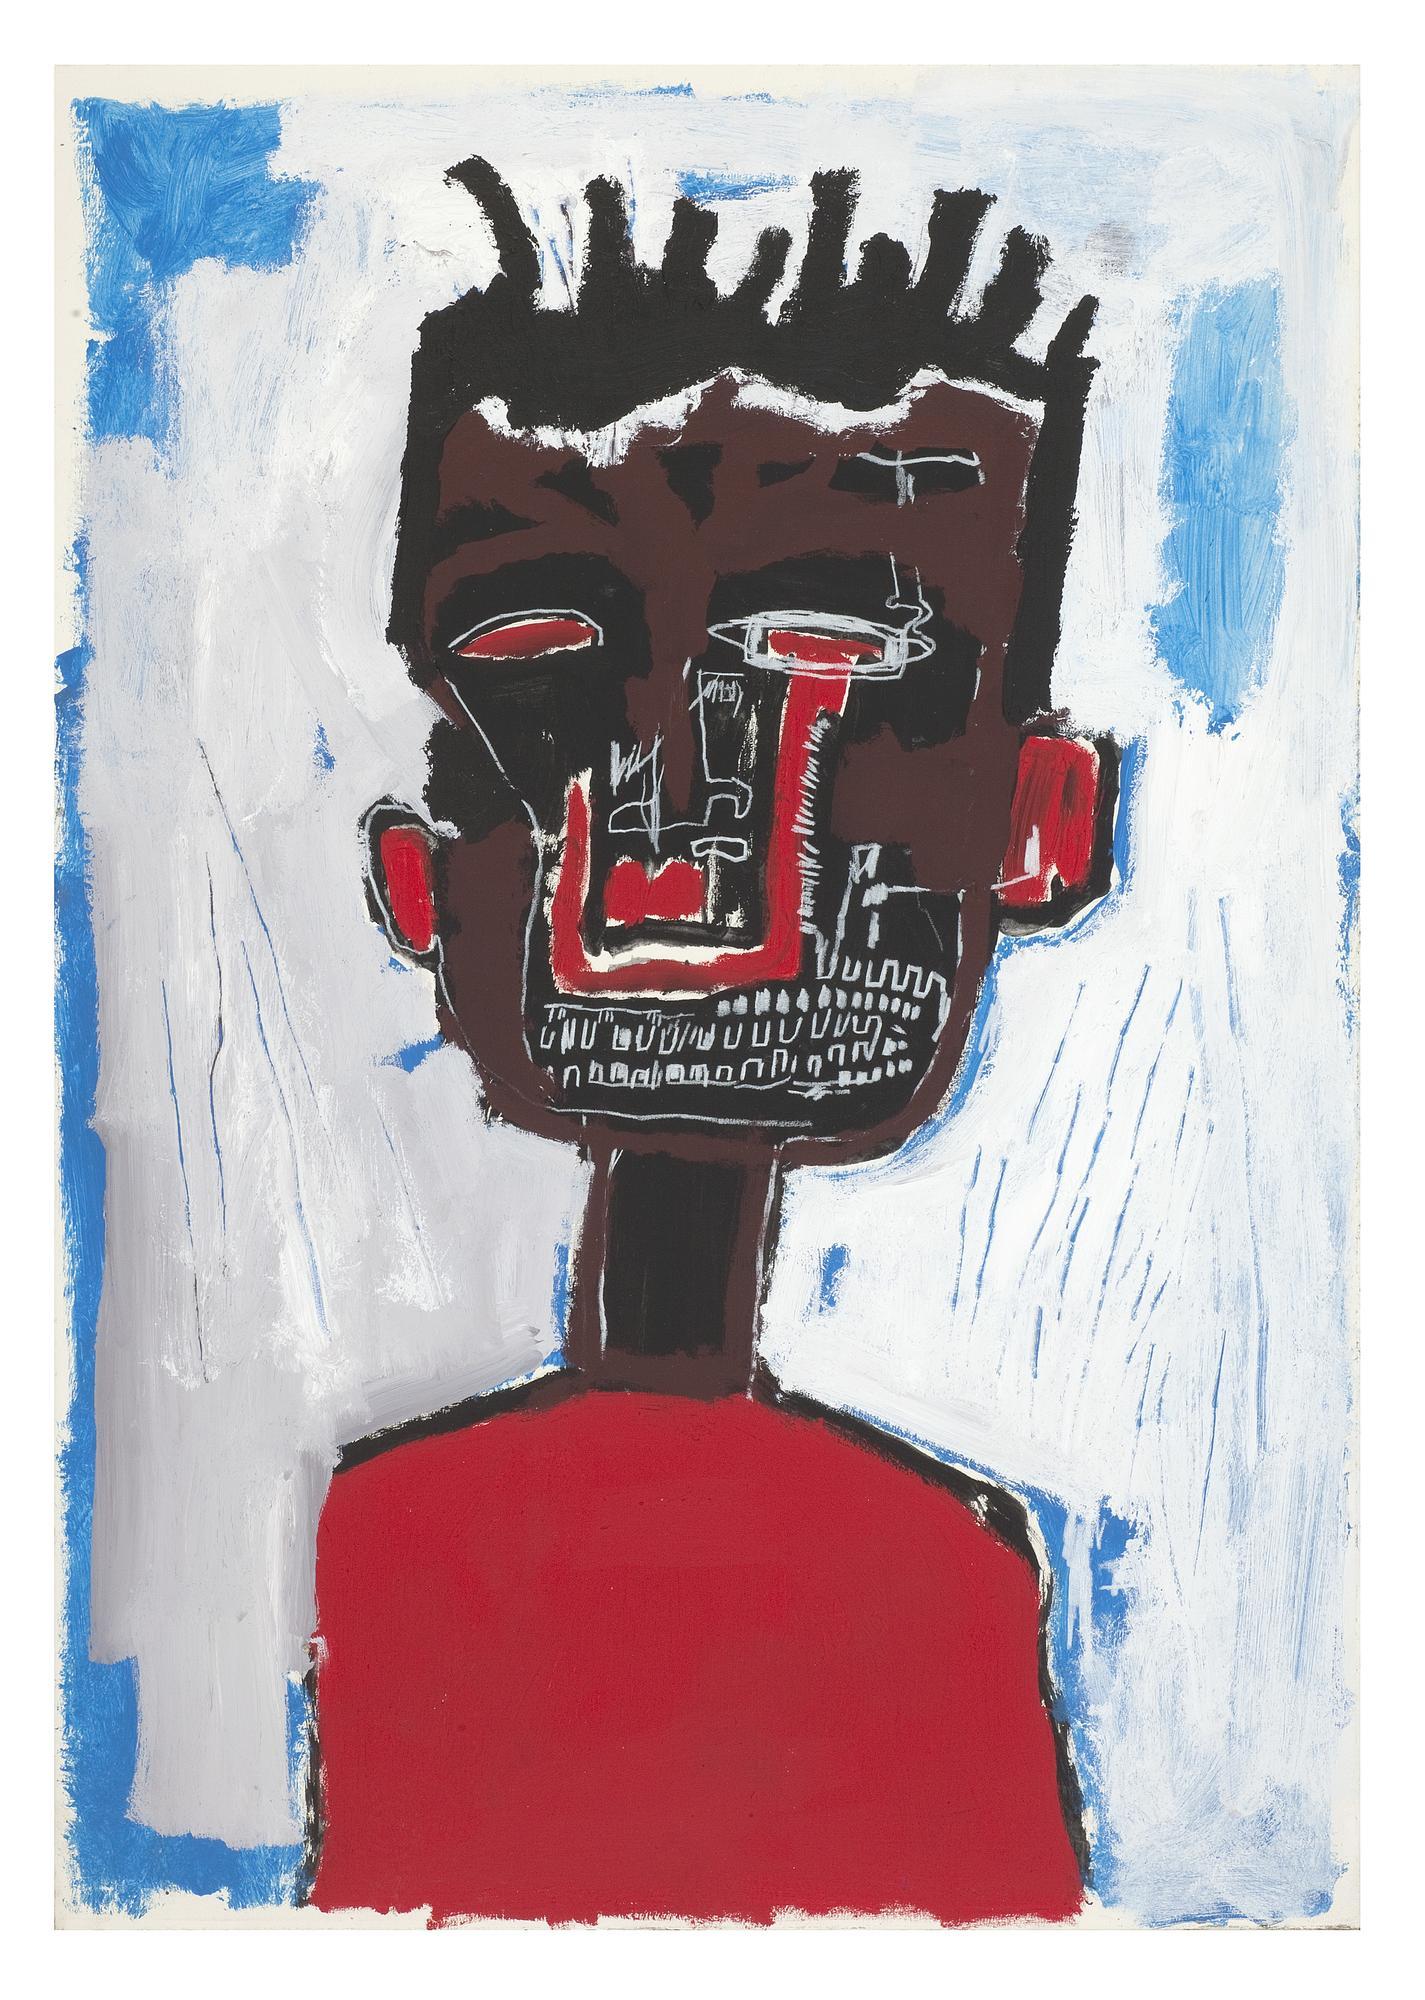 Jean-Michel Basquiat, Self-Portrait, 1984 / Courtesy Private Collection